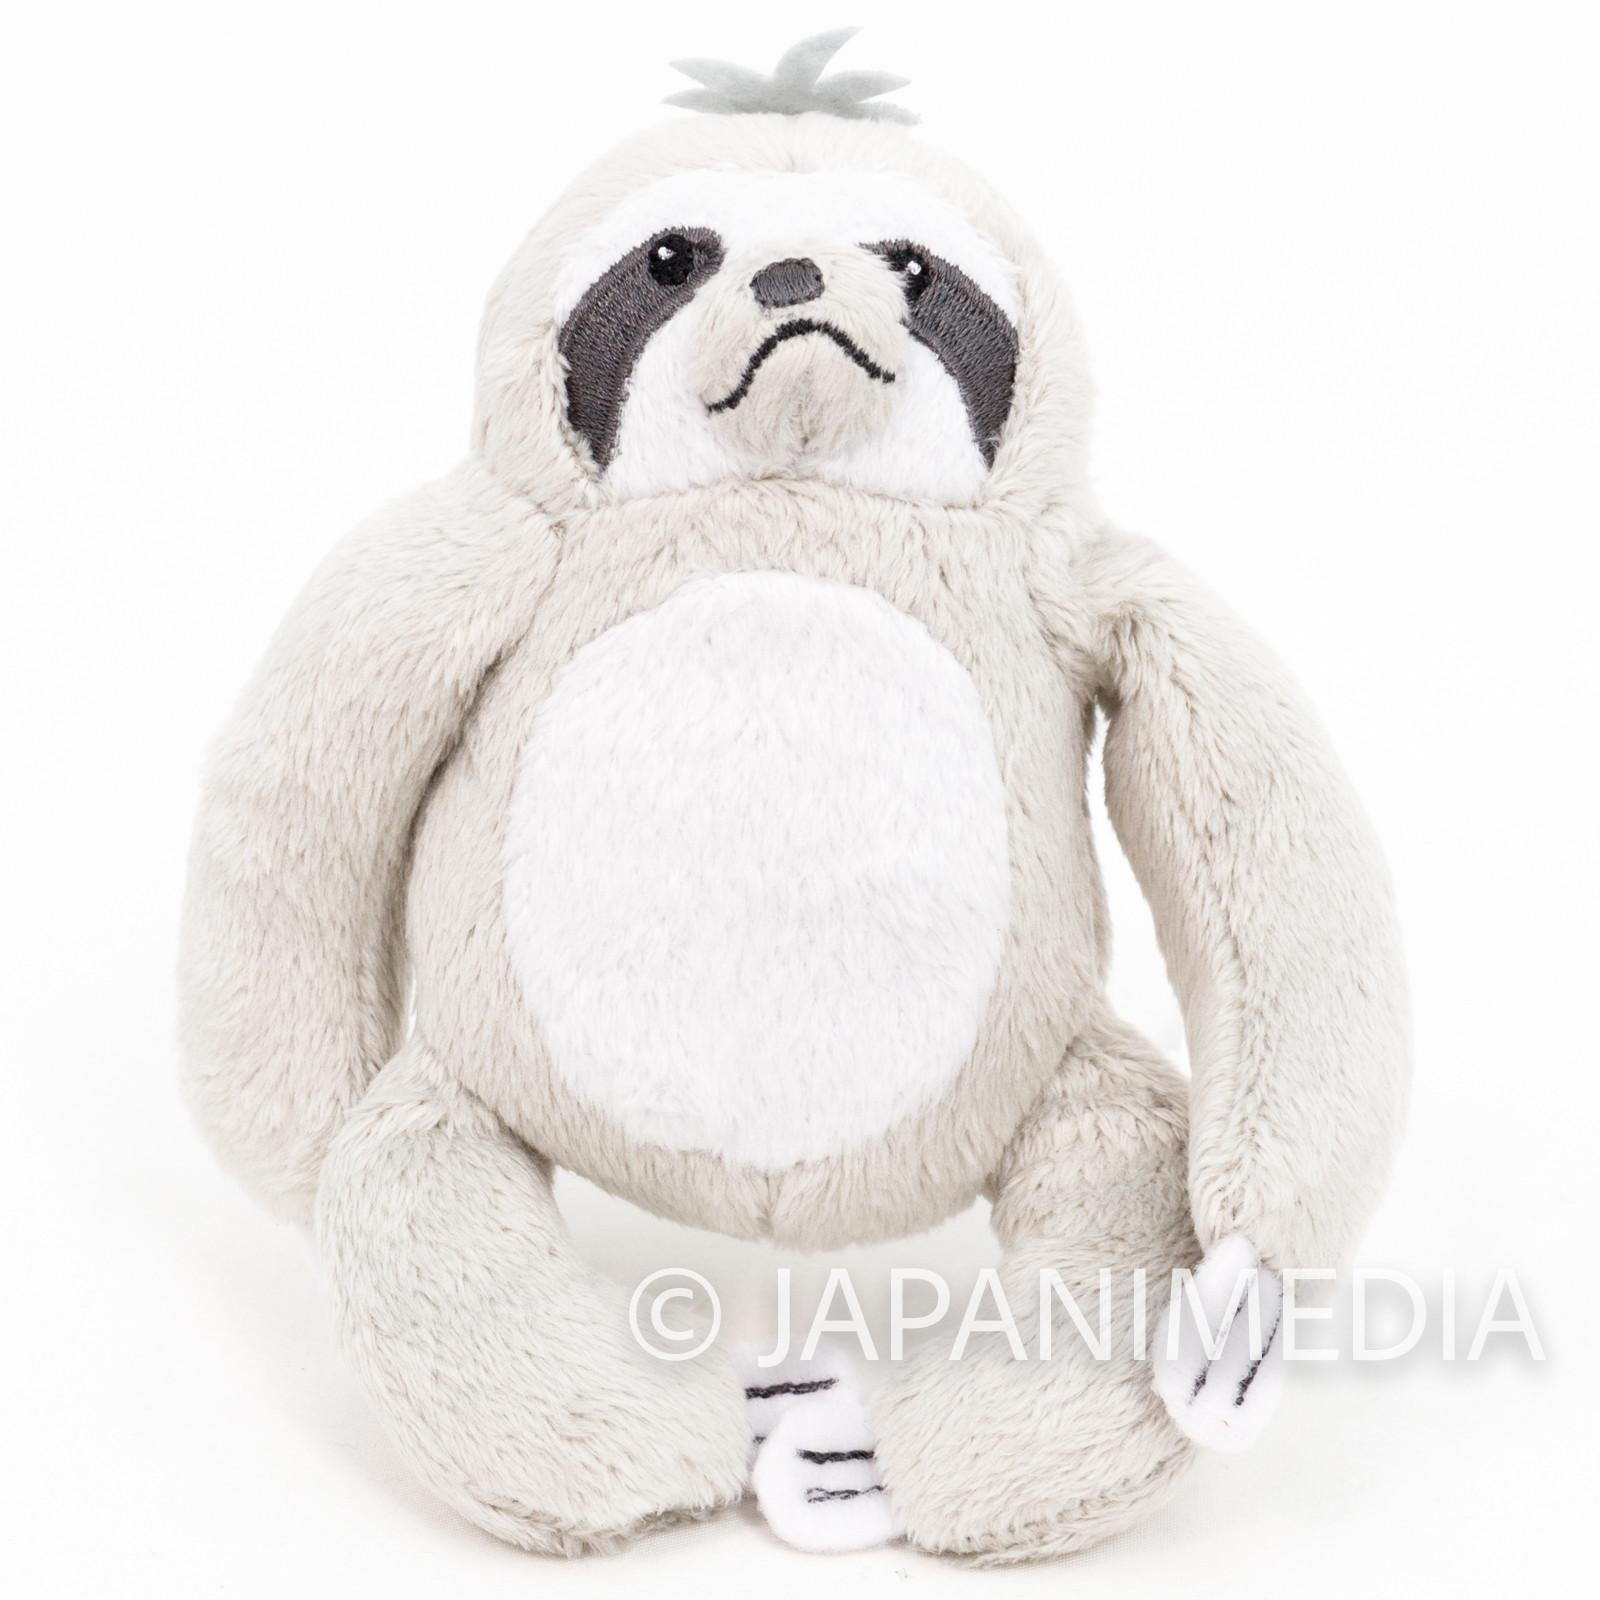 RARE! Eureka Seven Psalms of Planets Noah Mini Plush Doll JAPAN ANIME